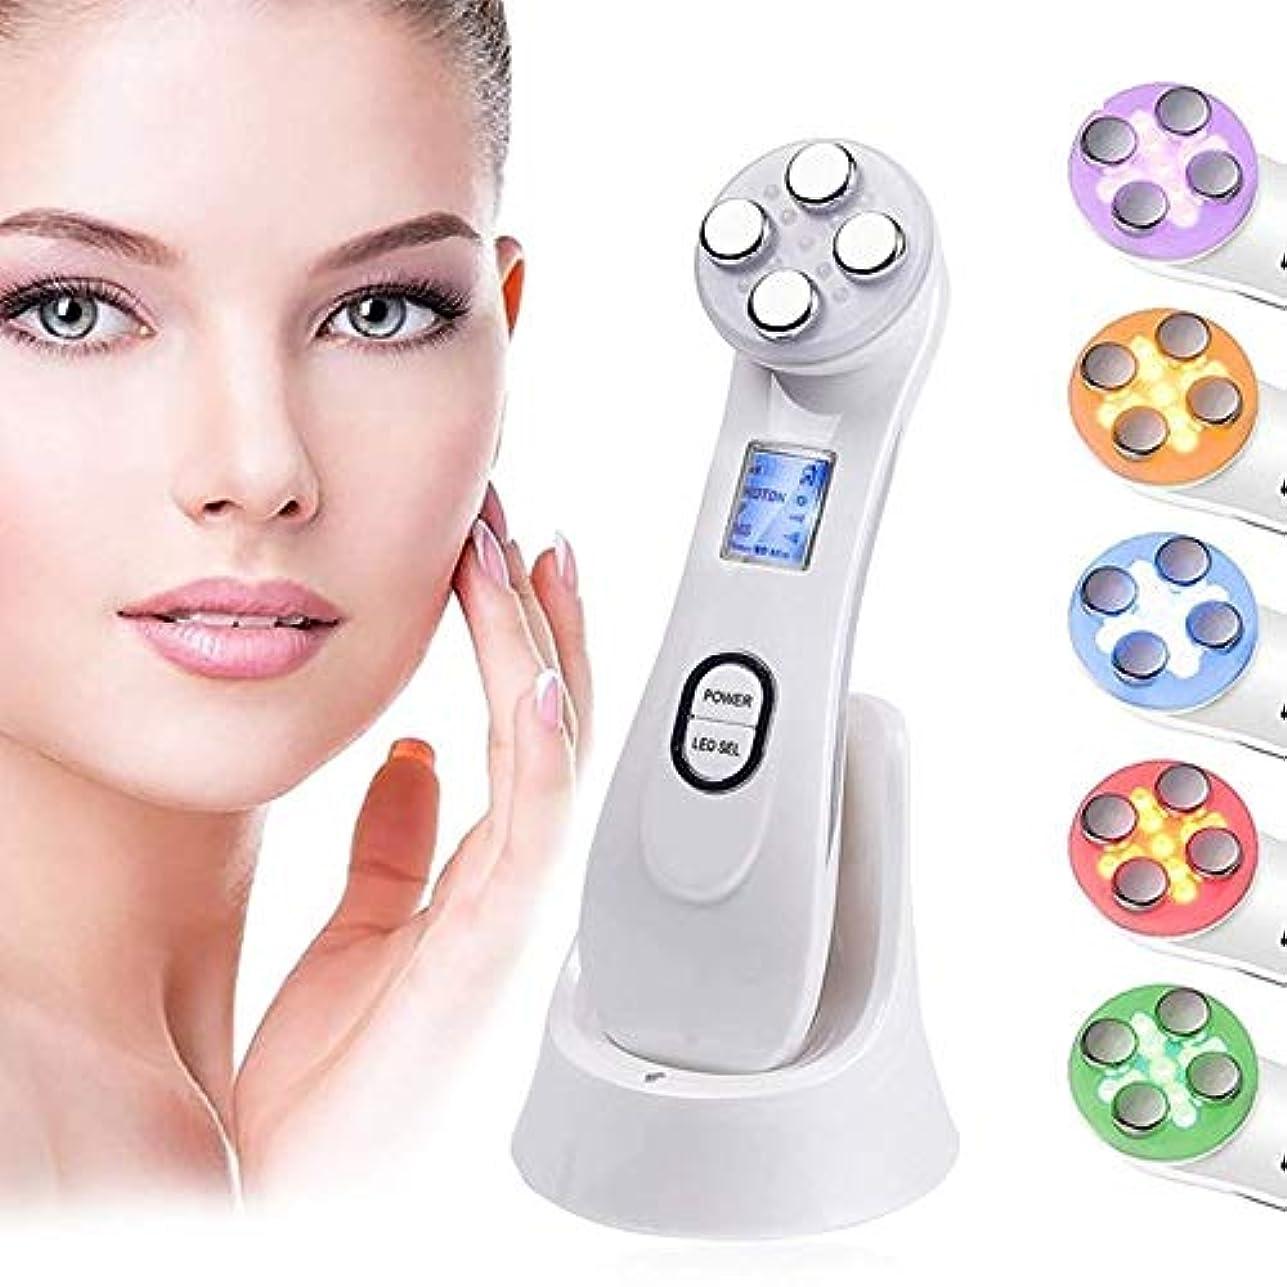 プレビスサイトりピカソきれいなマッサージを老化防止1つの顔の摩擦でマイクロ現在のエレクトロポレーション針なし美白美容皮膚光子美容器5